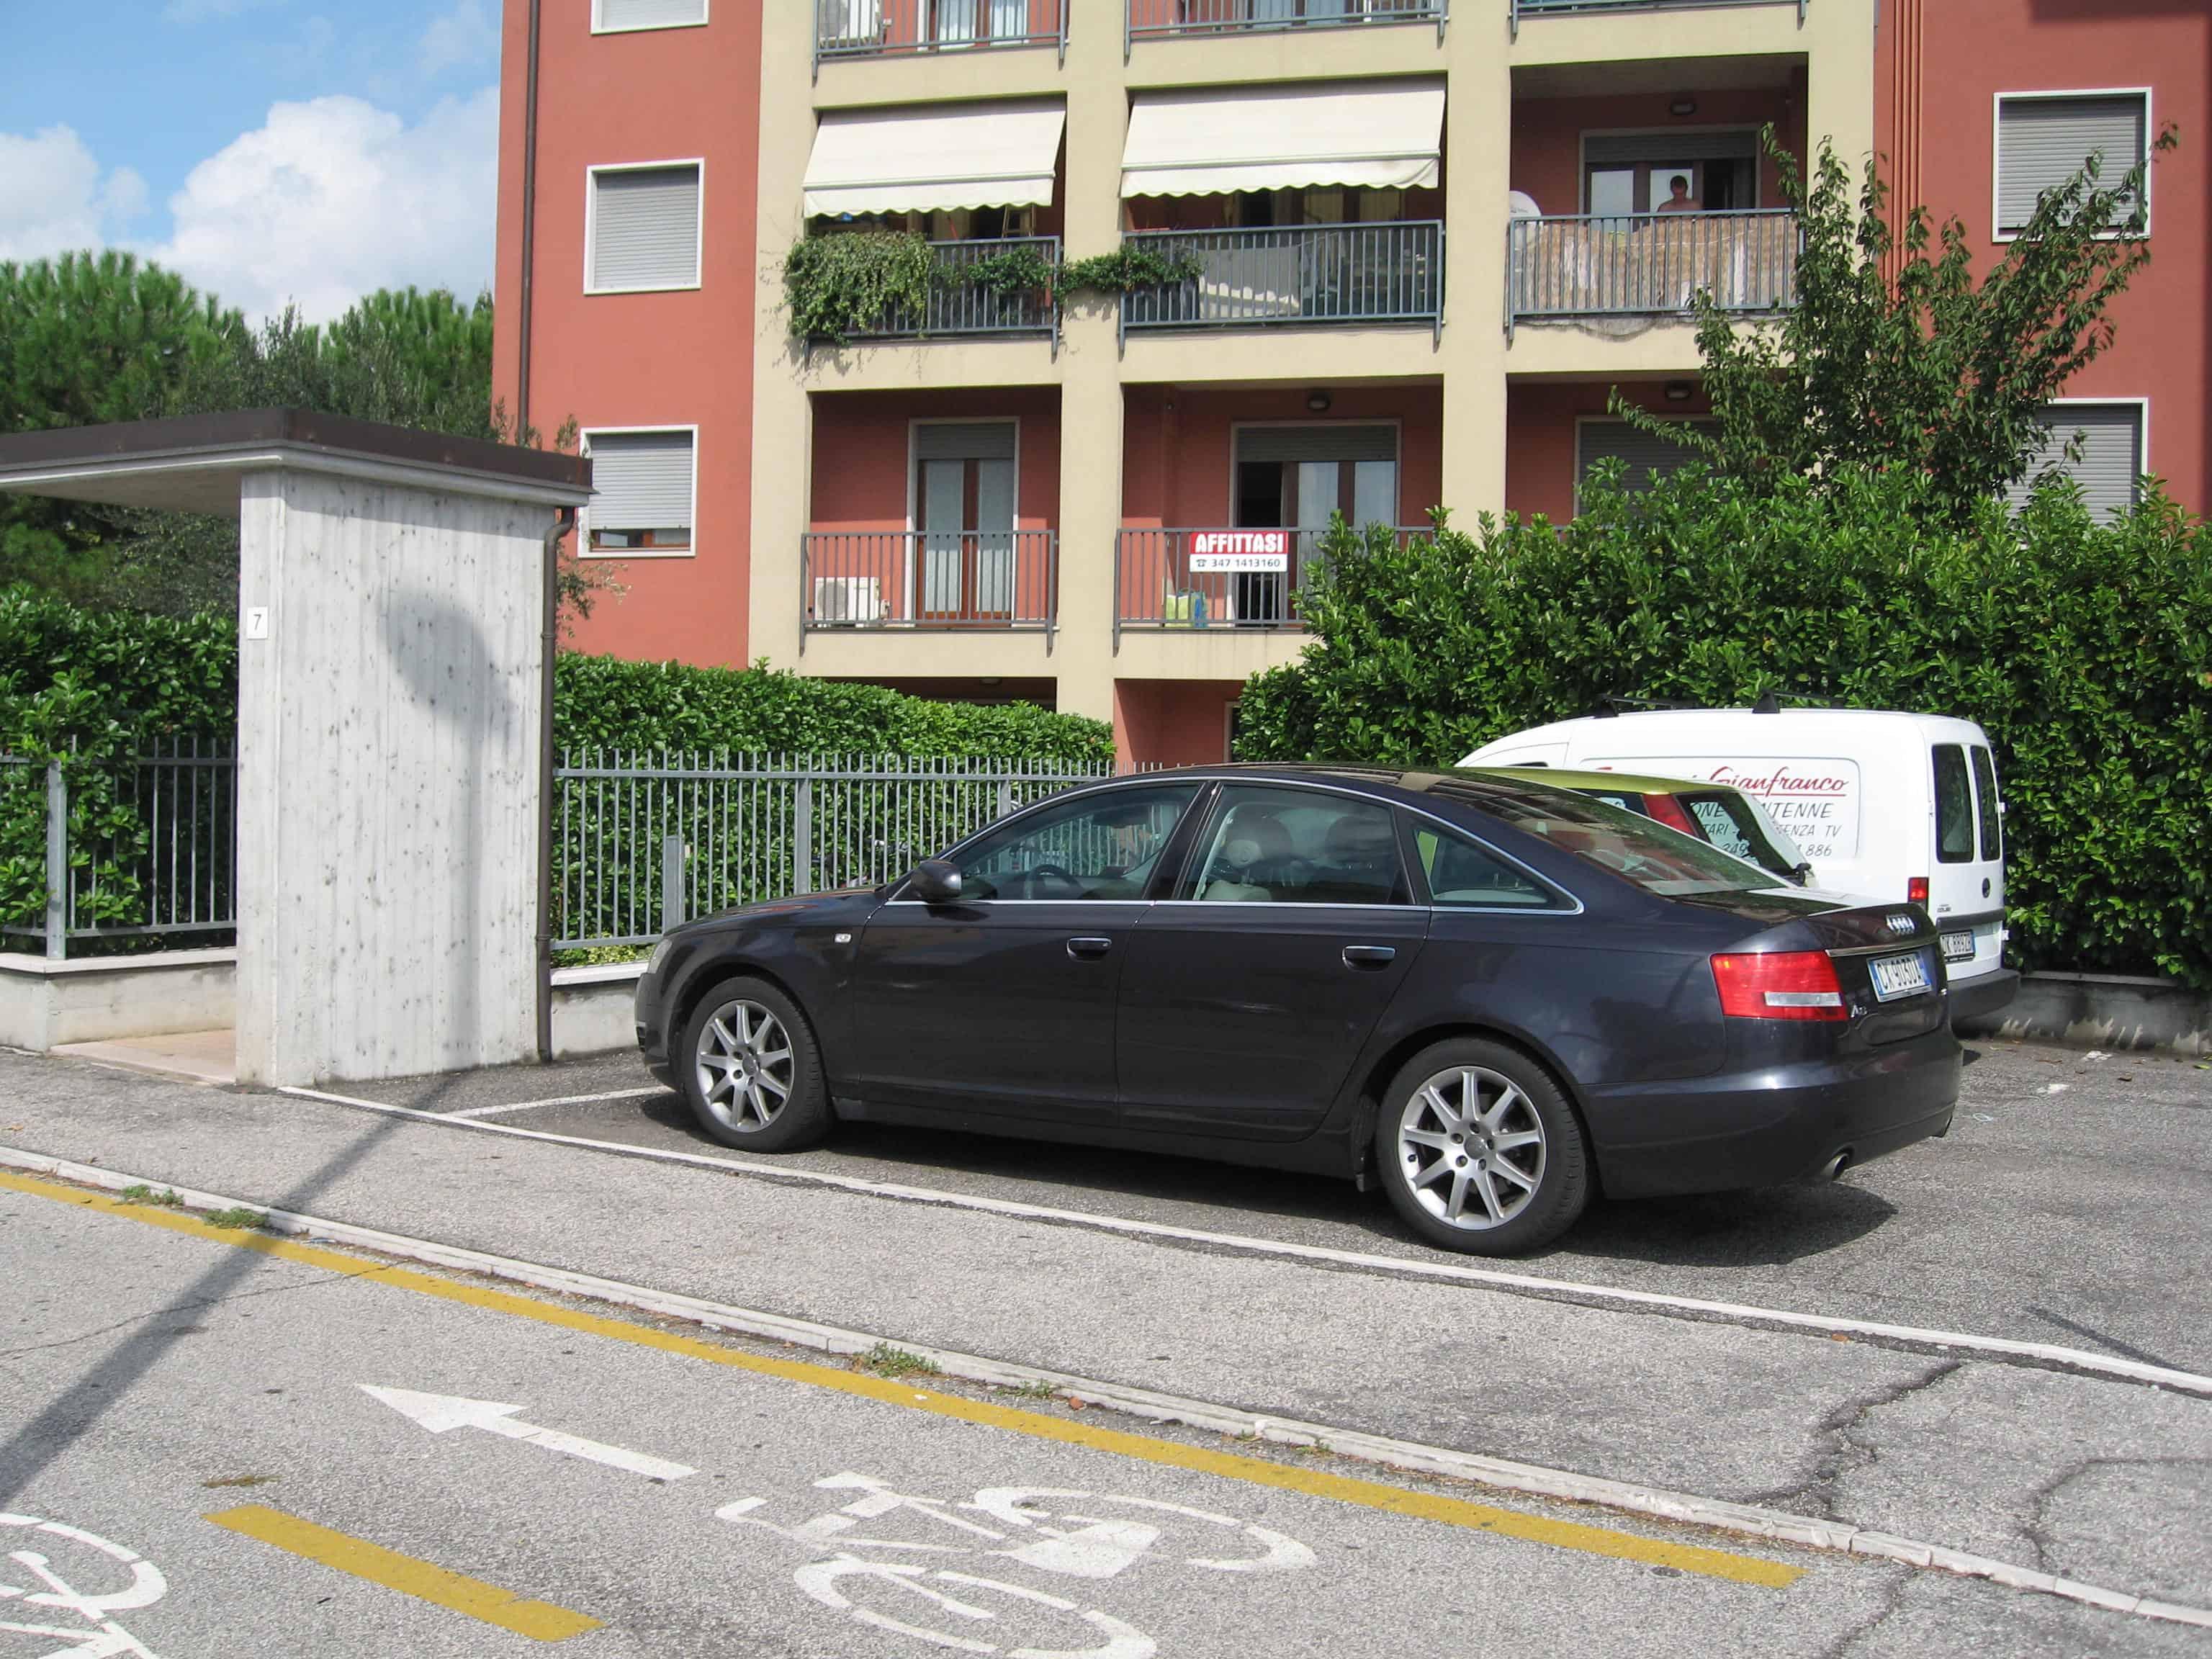 Camera affitto strada Le Grazie Verona - esterno